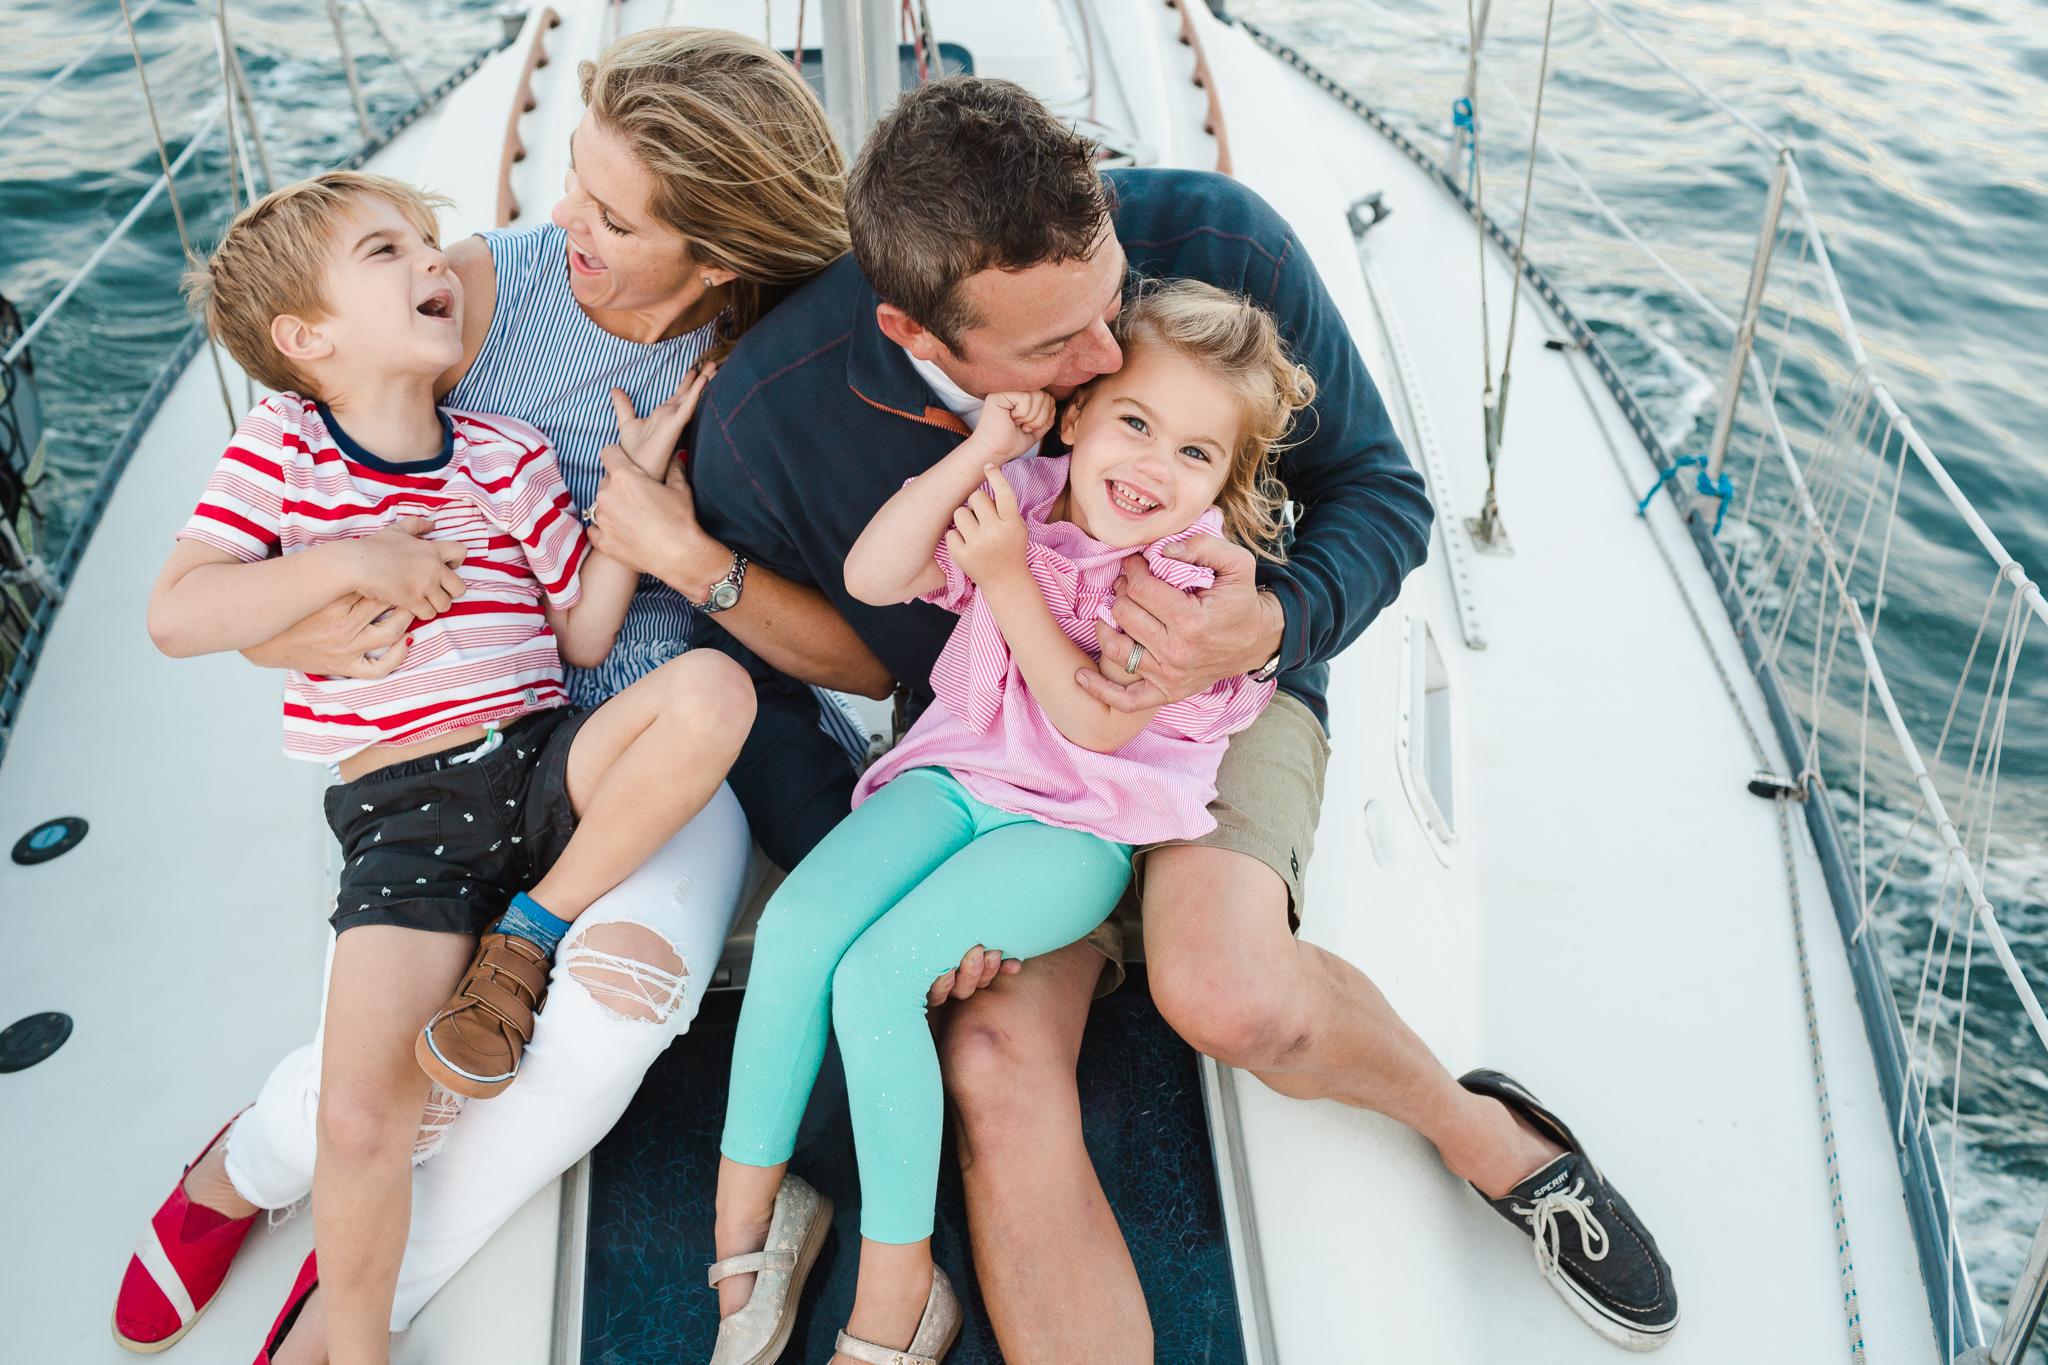 San-Diego-Photographer-Family-on-a-sailboat-WS-19.jpg